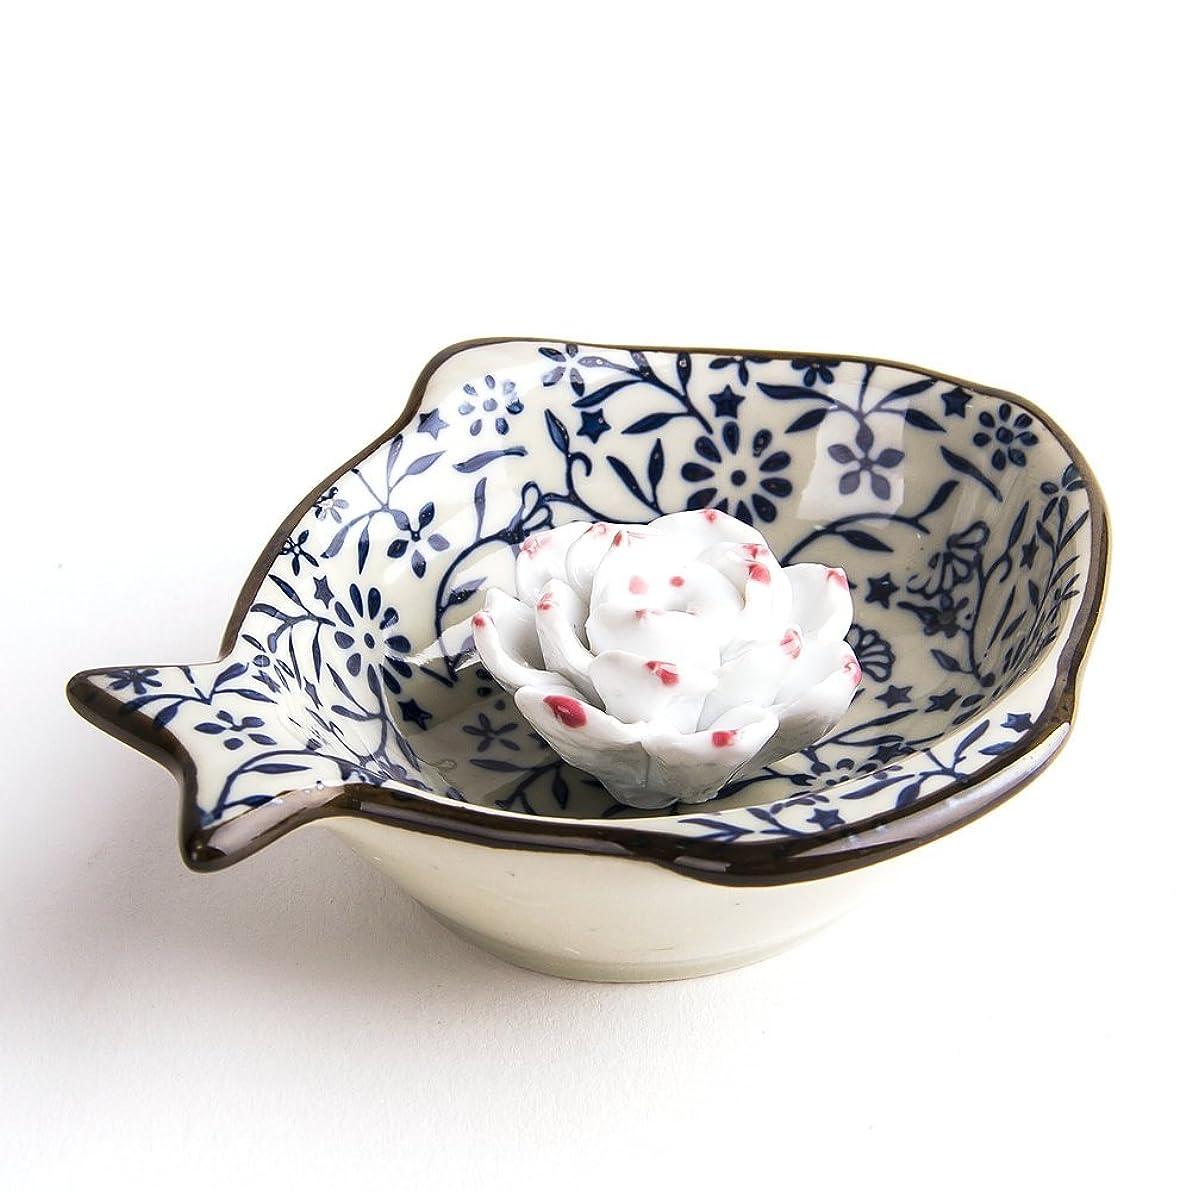 弱いインポートキャビンお香立て お香たて 香の器 お香を焚いて 香皿,陶磁器、ブルー